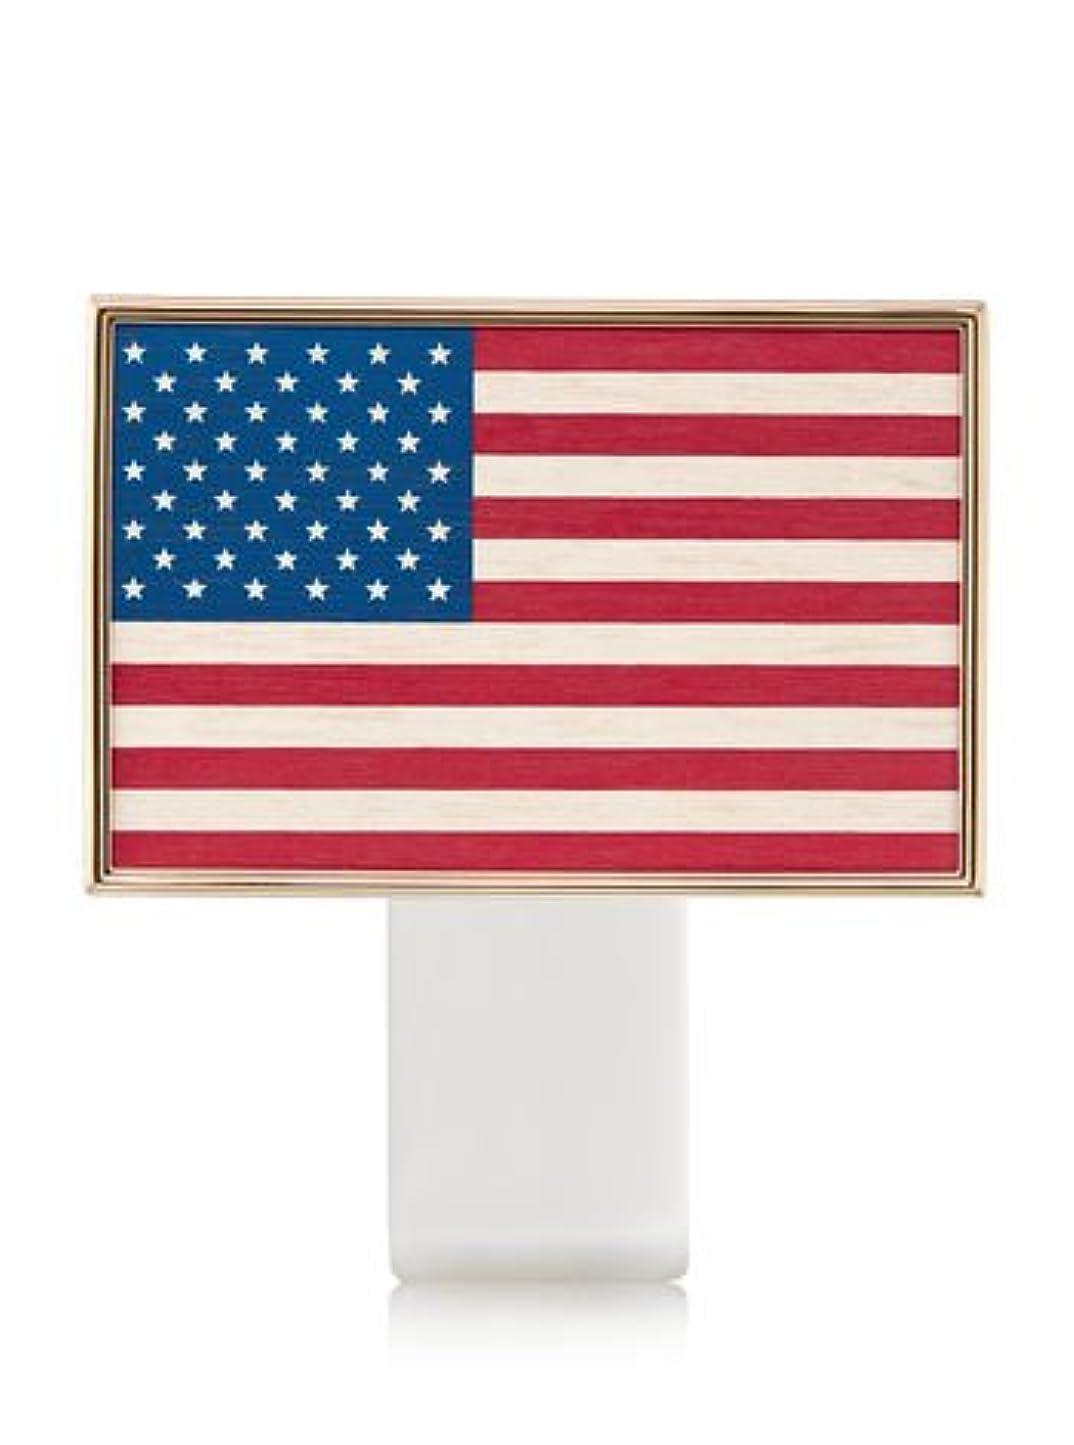 ラリーベルモント勤勉なシーサイド【Bath&Body Works/バス&ボディワークス】 ルームフレグランス プラグインスターター (本体のみ) アメリカンフラッグ Wallflowers Fragrance Plug American Flag [並行輸入品]